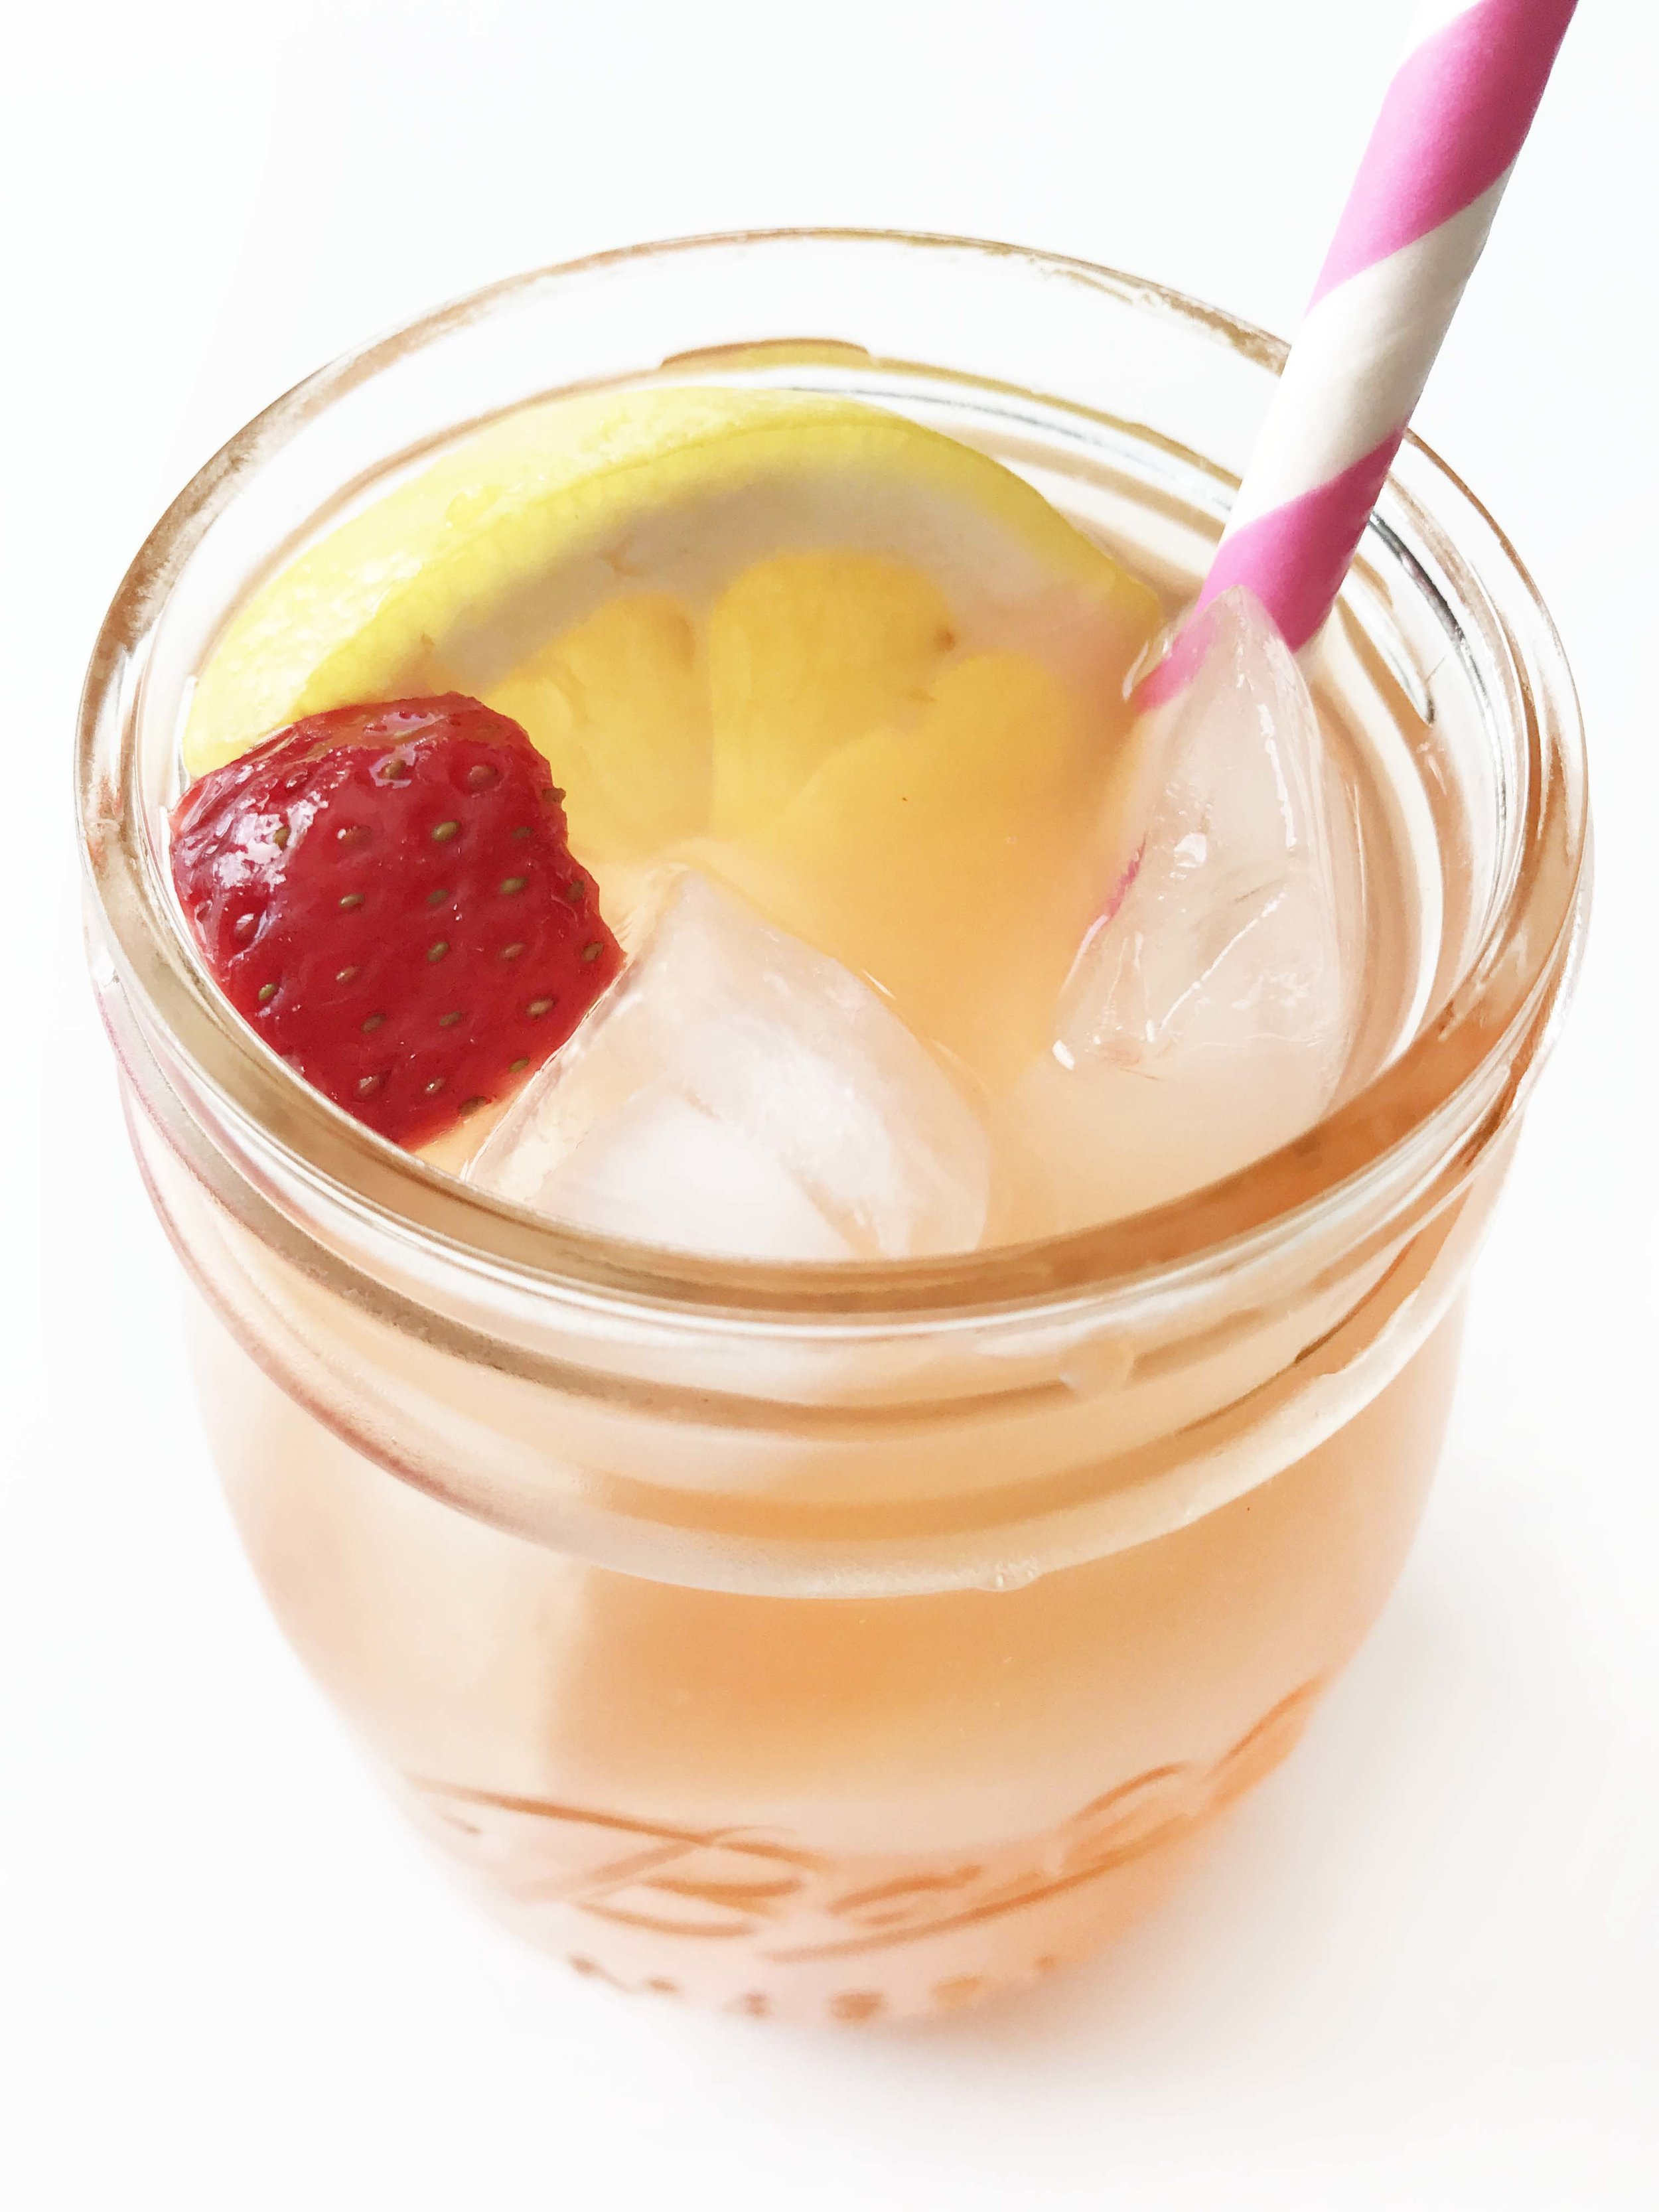 strawberry-lemonade8.jpg